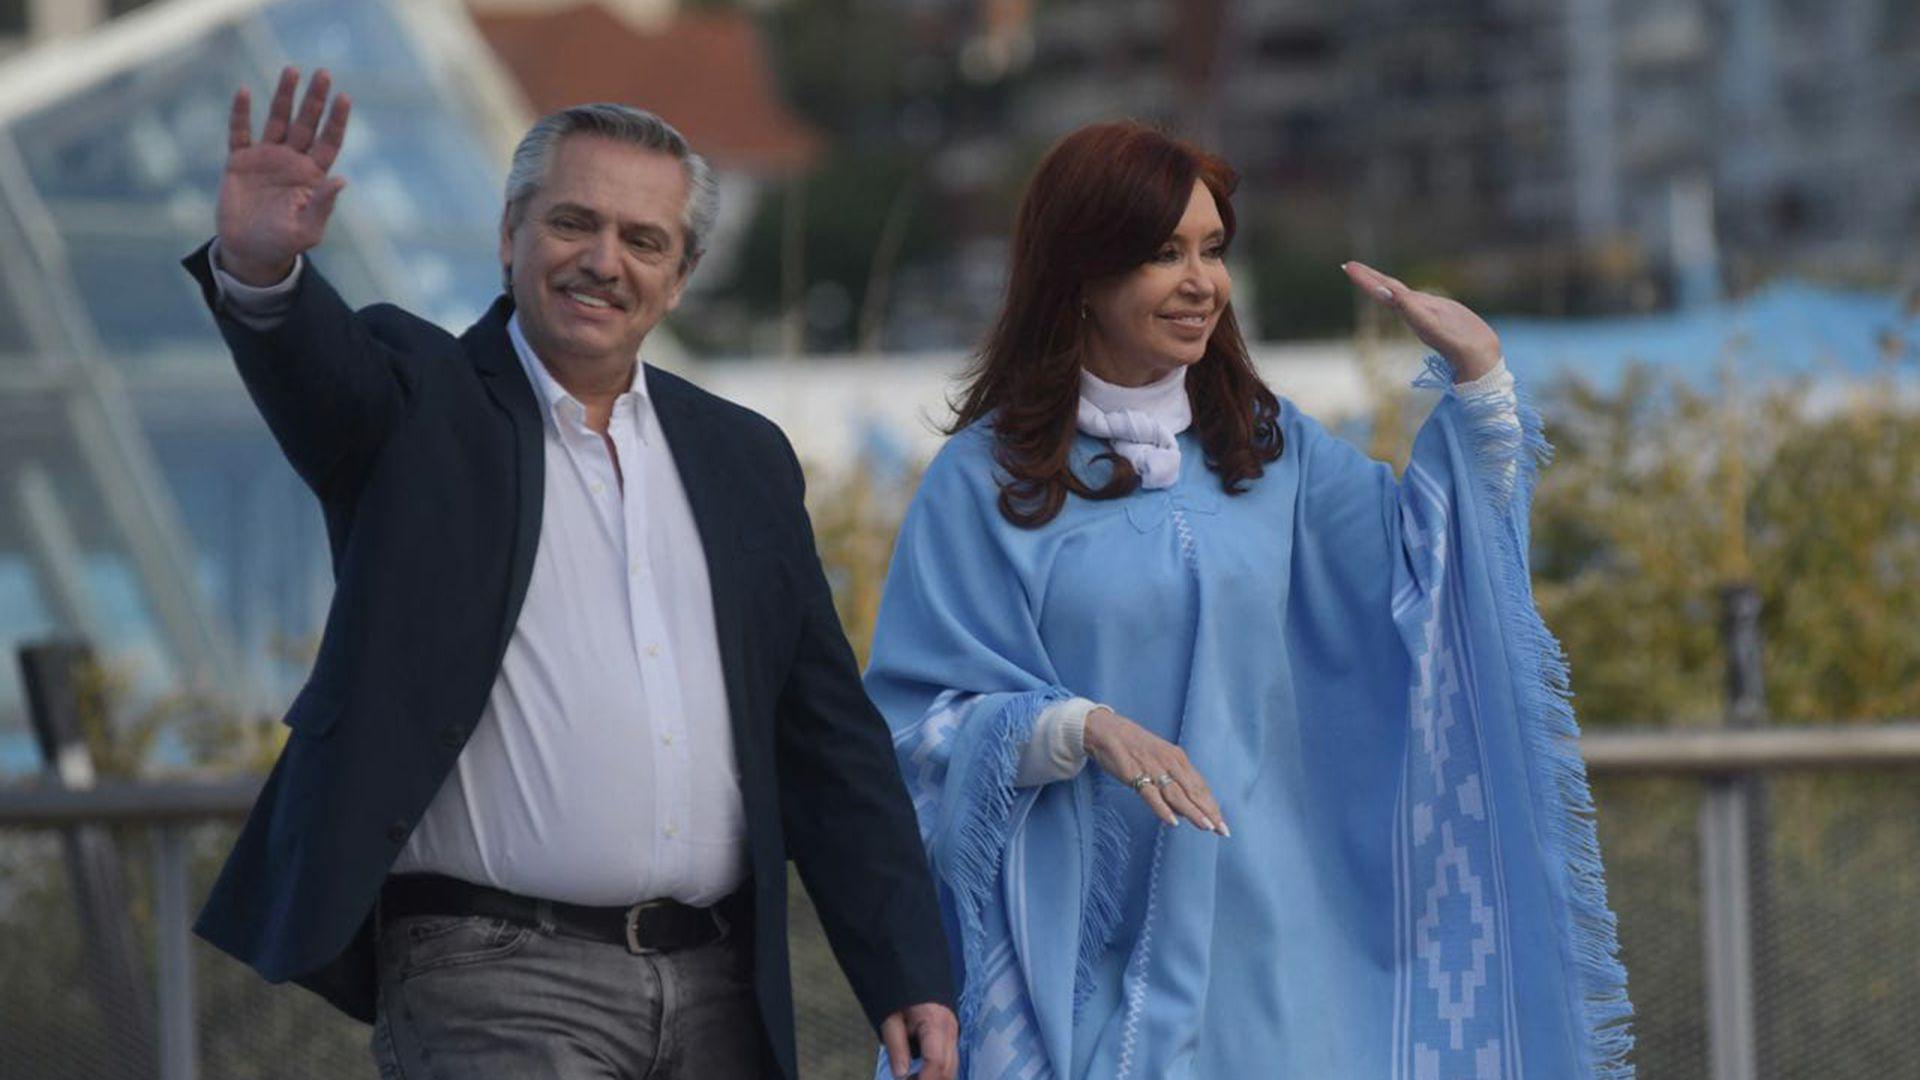 Alberto Fernández y Cristina Fernández de Kirchner en el acto de cierre del Frente de Todos en Mar del Plata